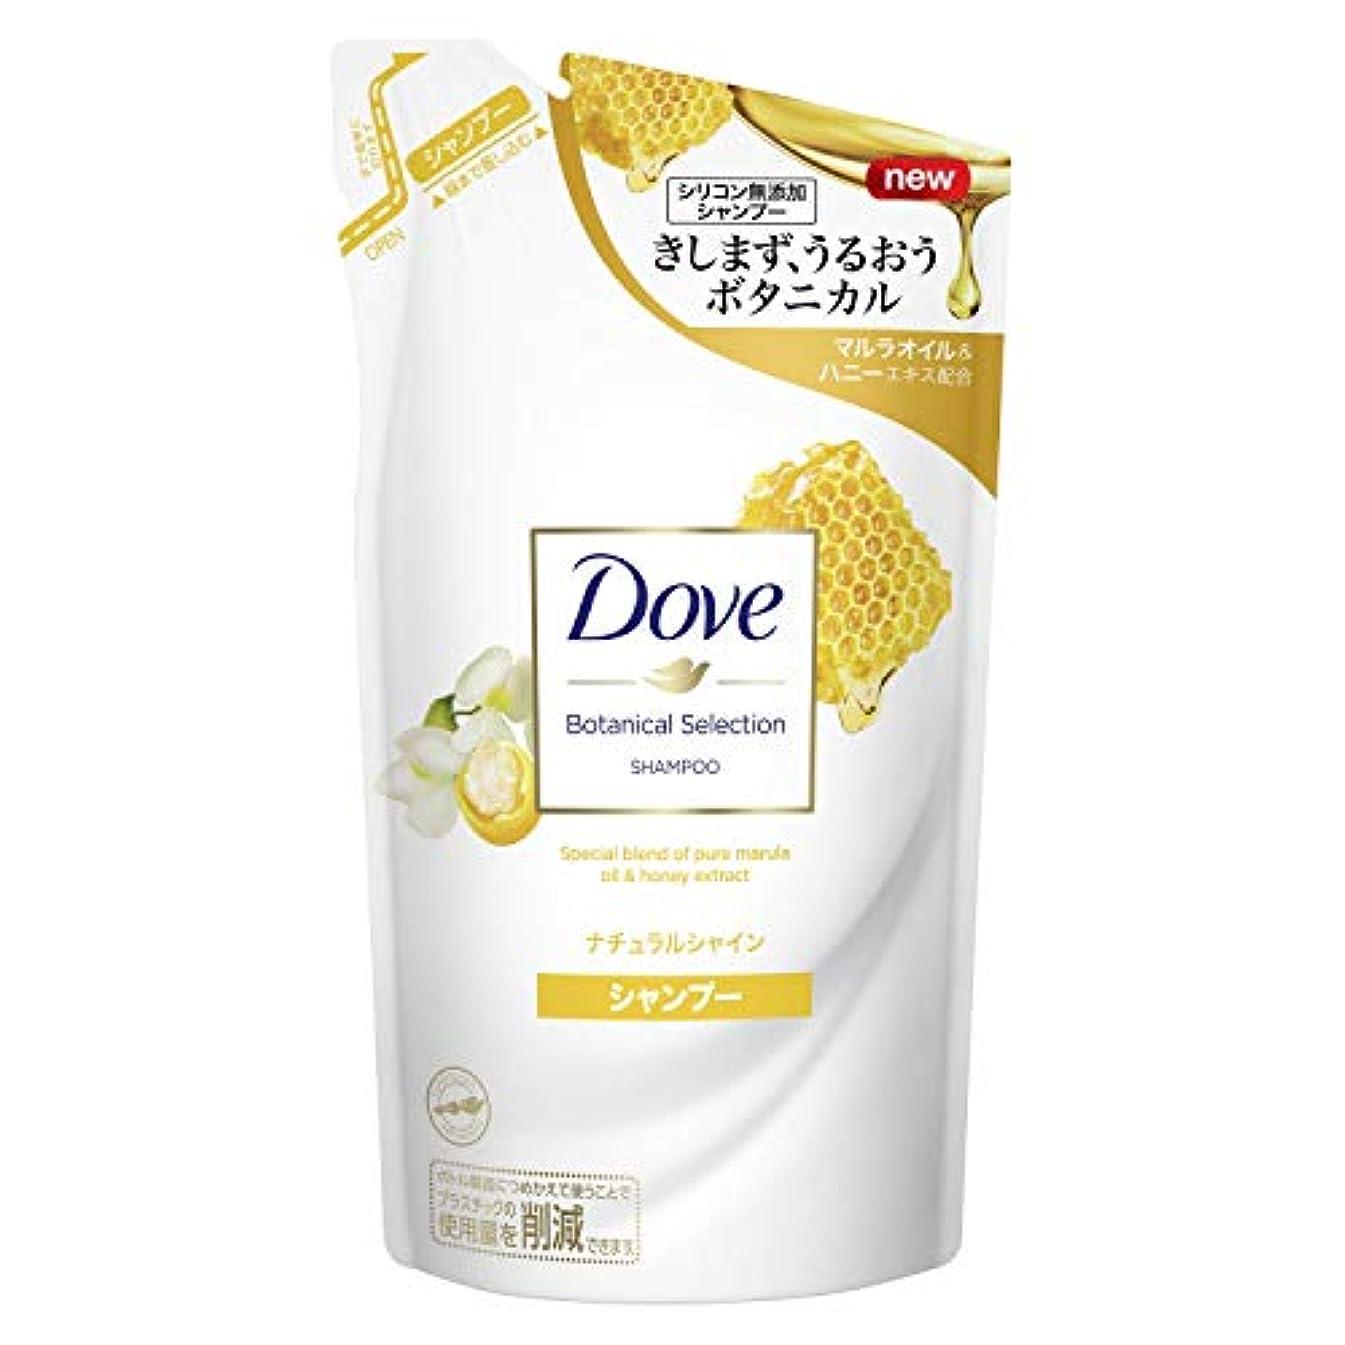 識別同情影響を受けやすいですDove(ダヴ) ダヴ ボタニカルセレクション ナチュラルシャイン シャンプー つめかえ用 350g